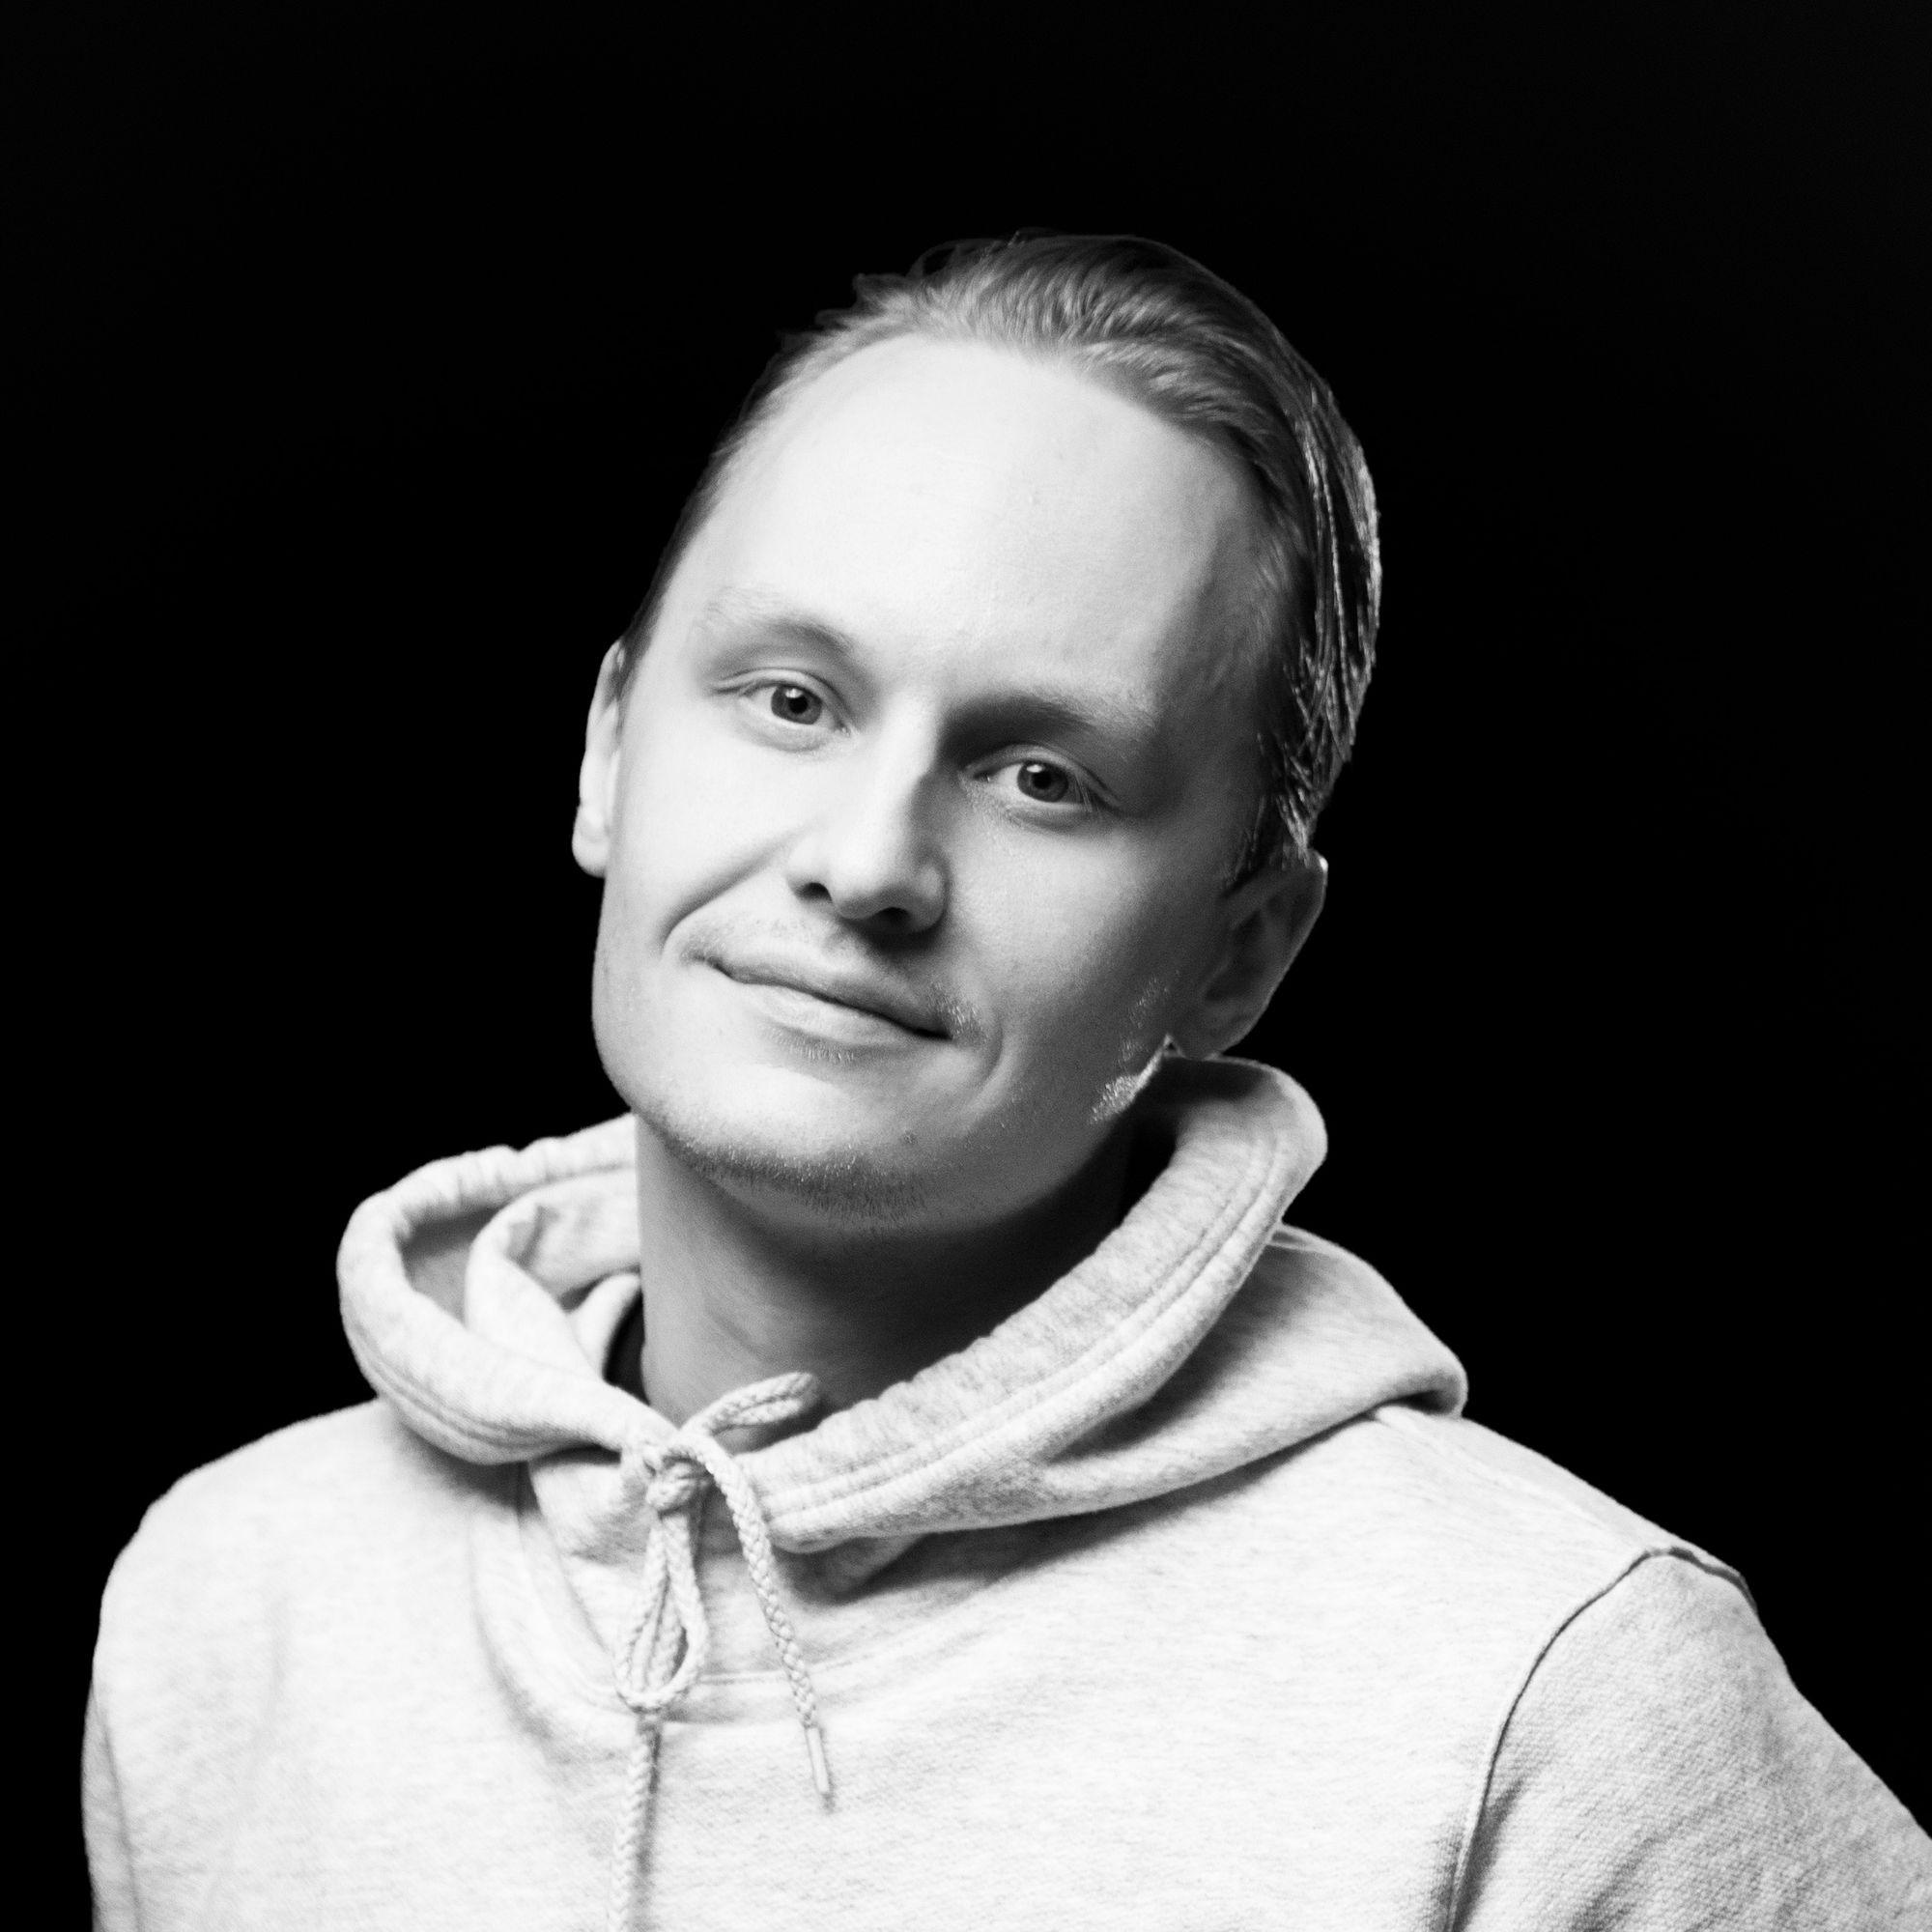 Niklas Nyström